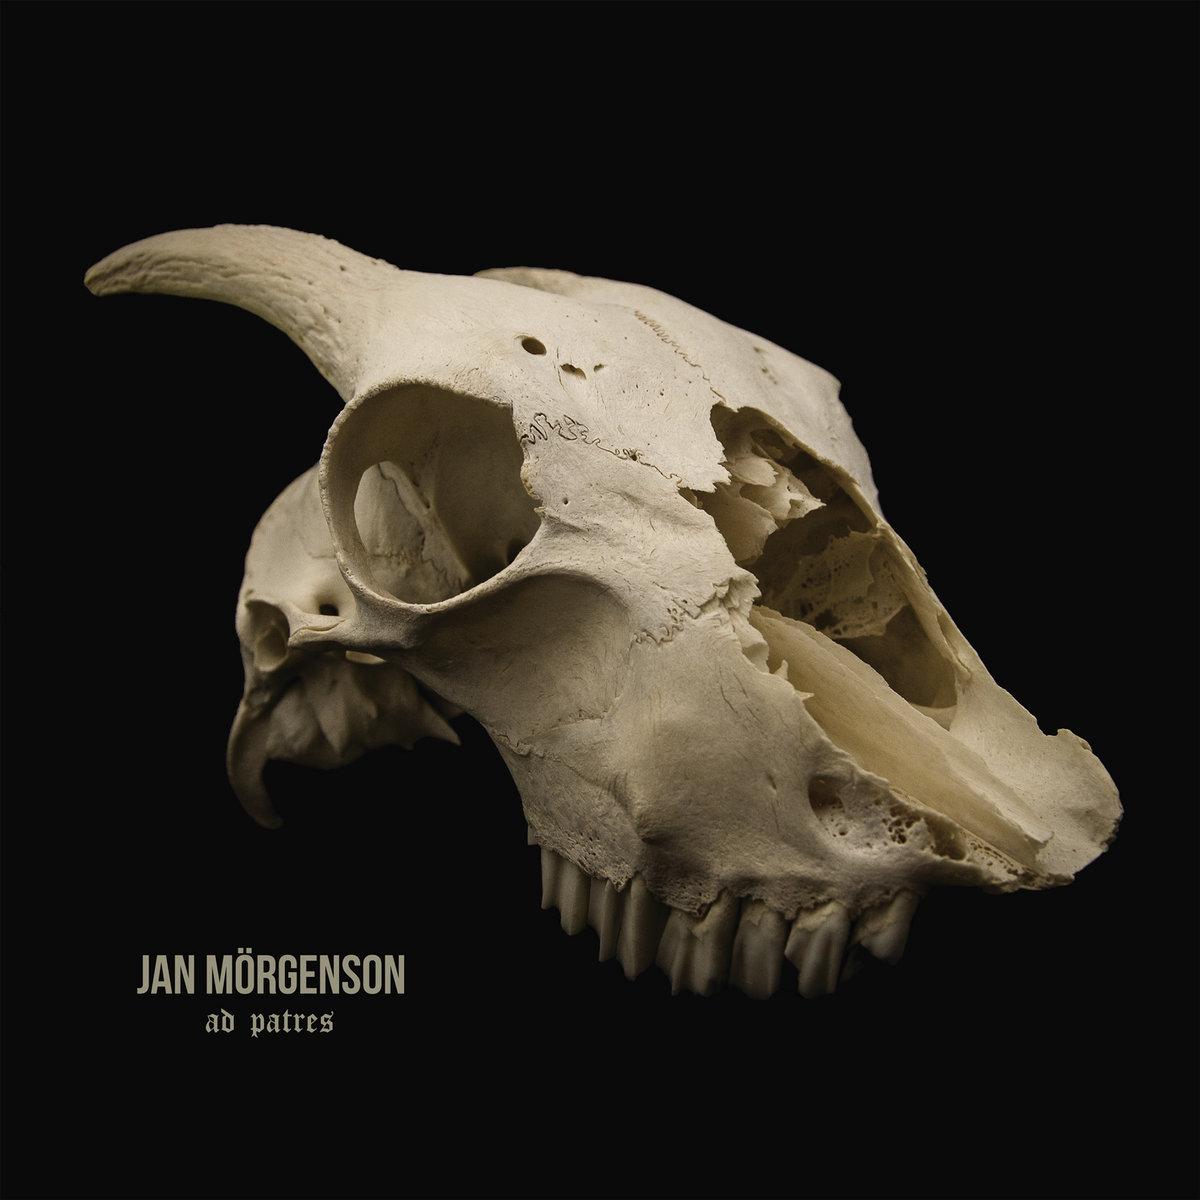 Ad Patres by JAN MORGENSON